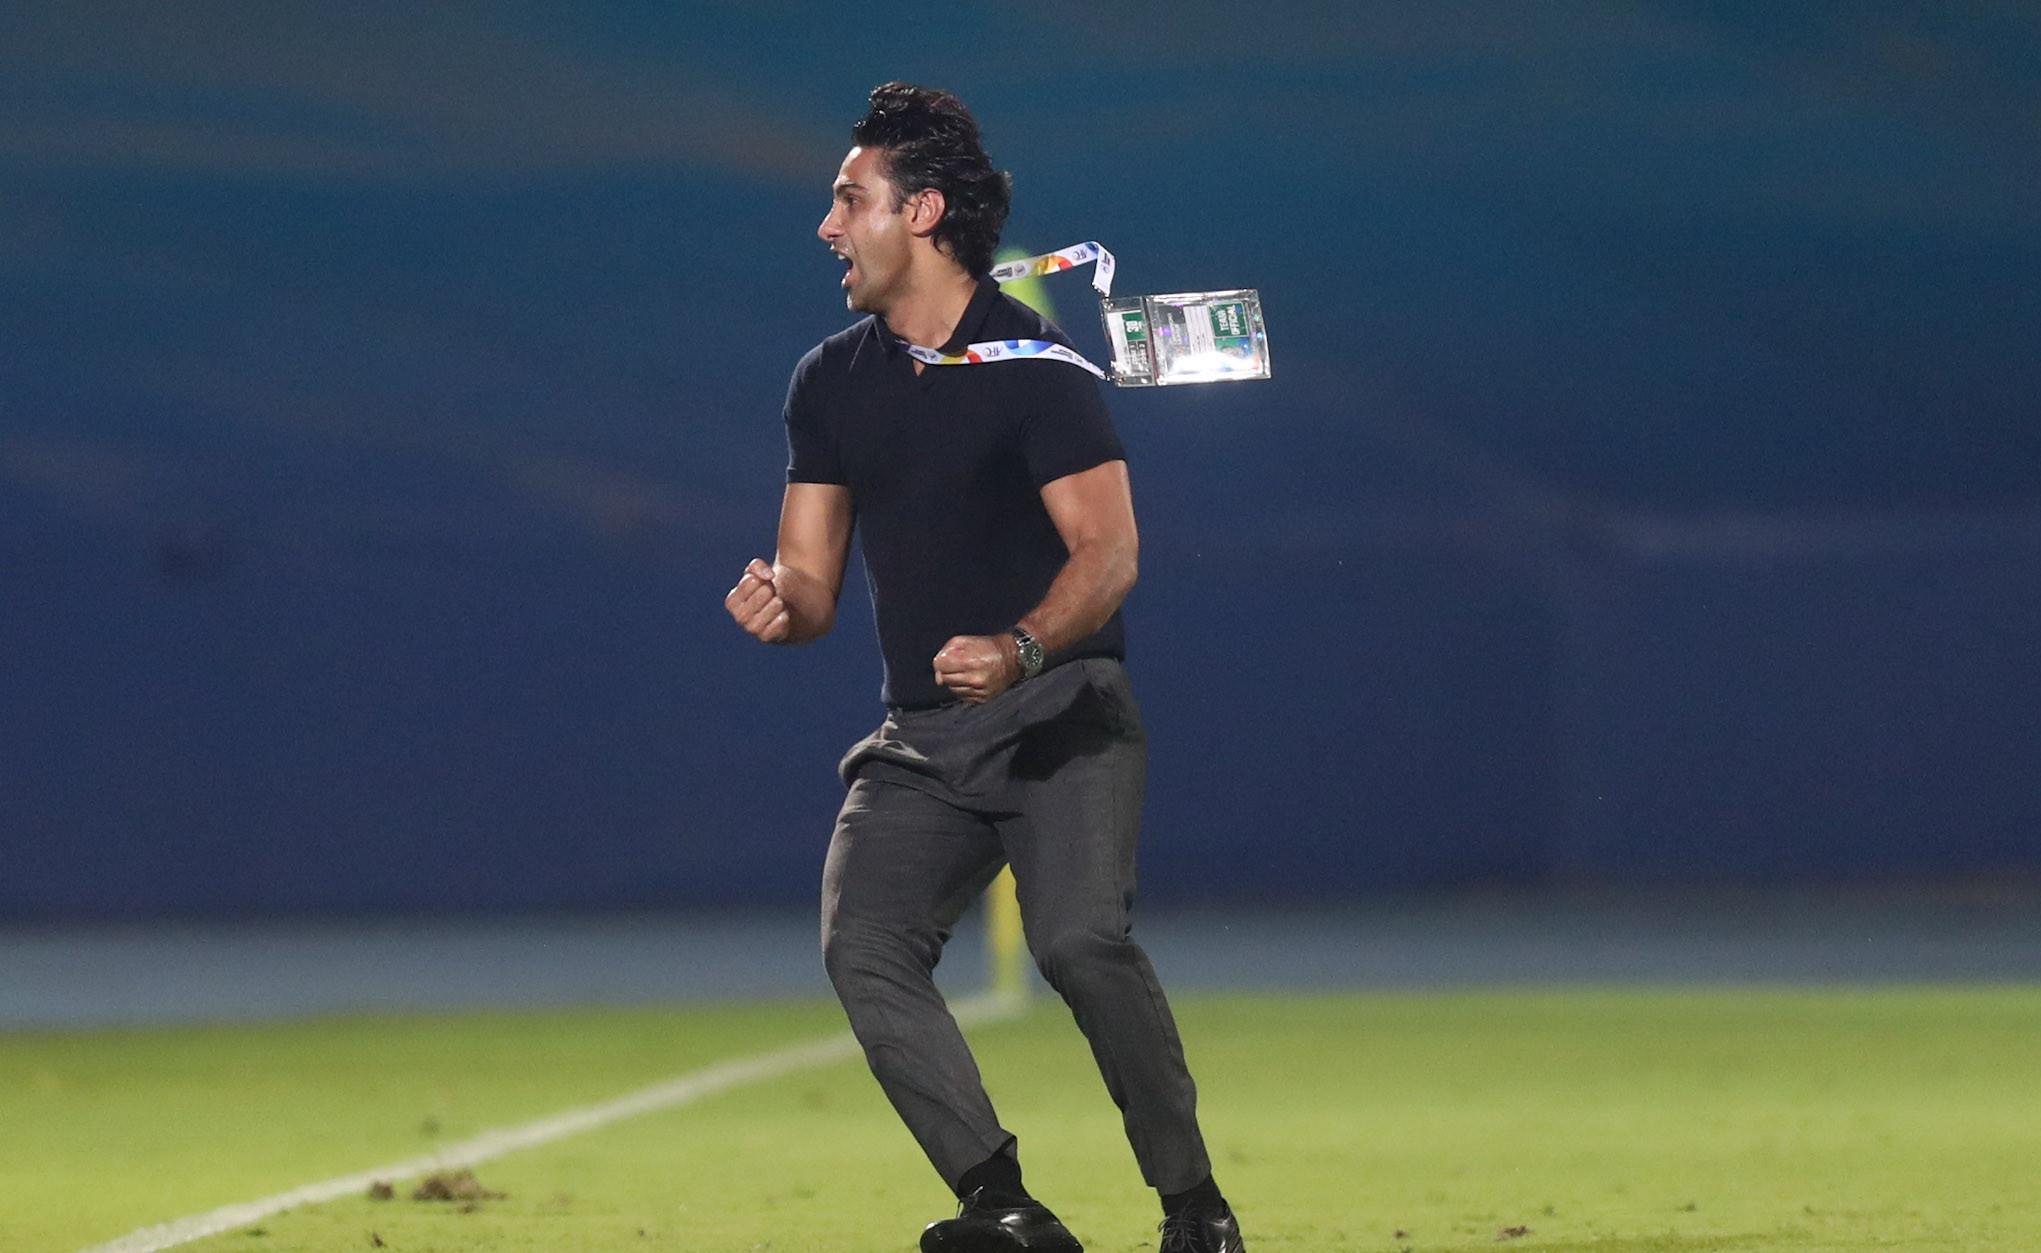 شادی خاص مجیدی بعد از صعود استقلال به یاد گلزنی در دربیها+تصاویر